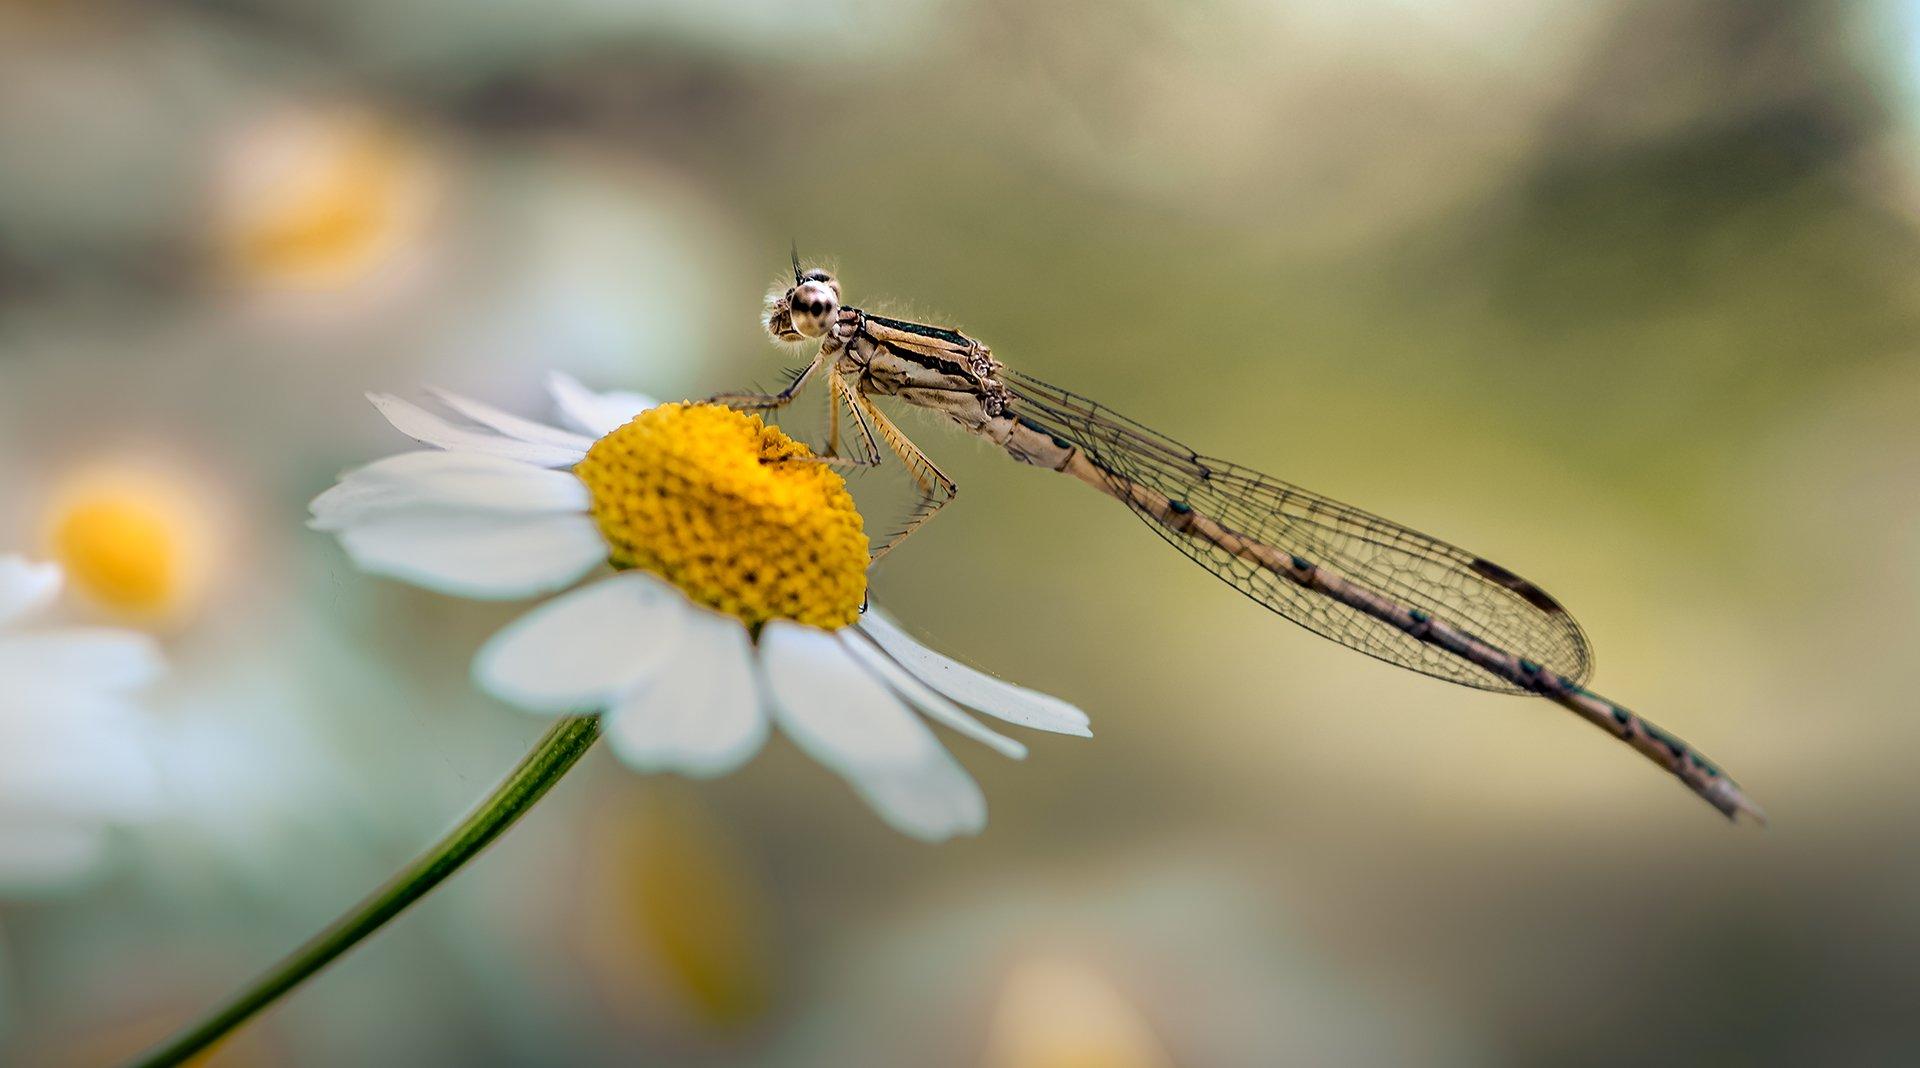 природа, макро, цветы, ромашка, насекомое, стрекоза, Неля Рачкова